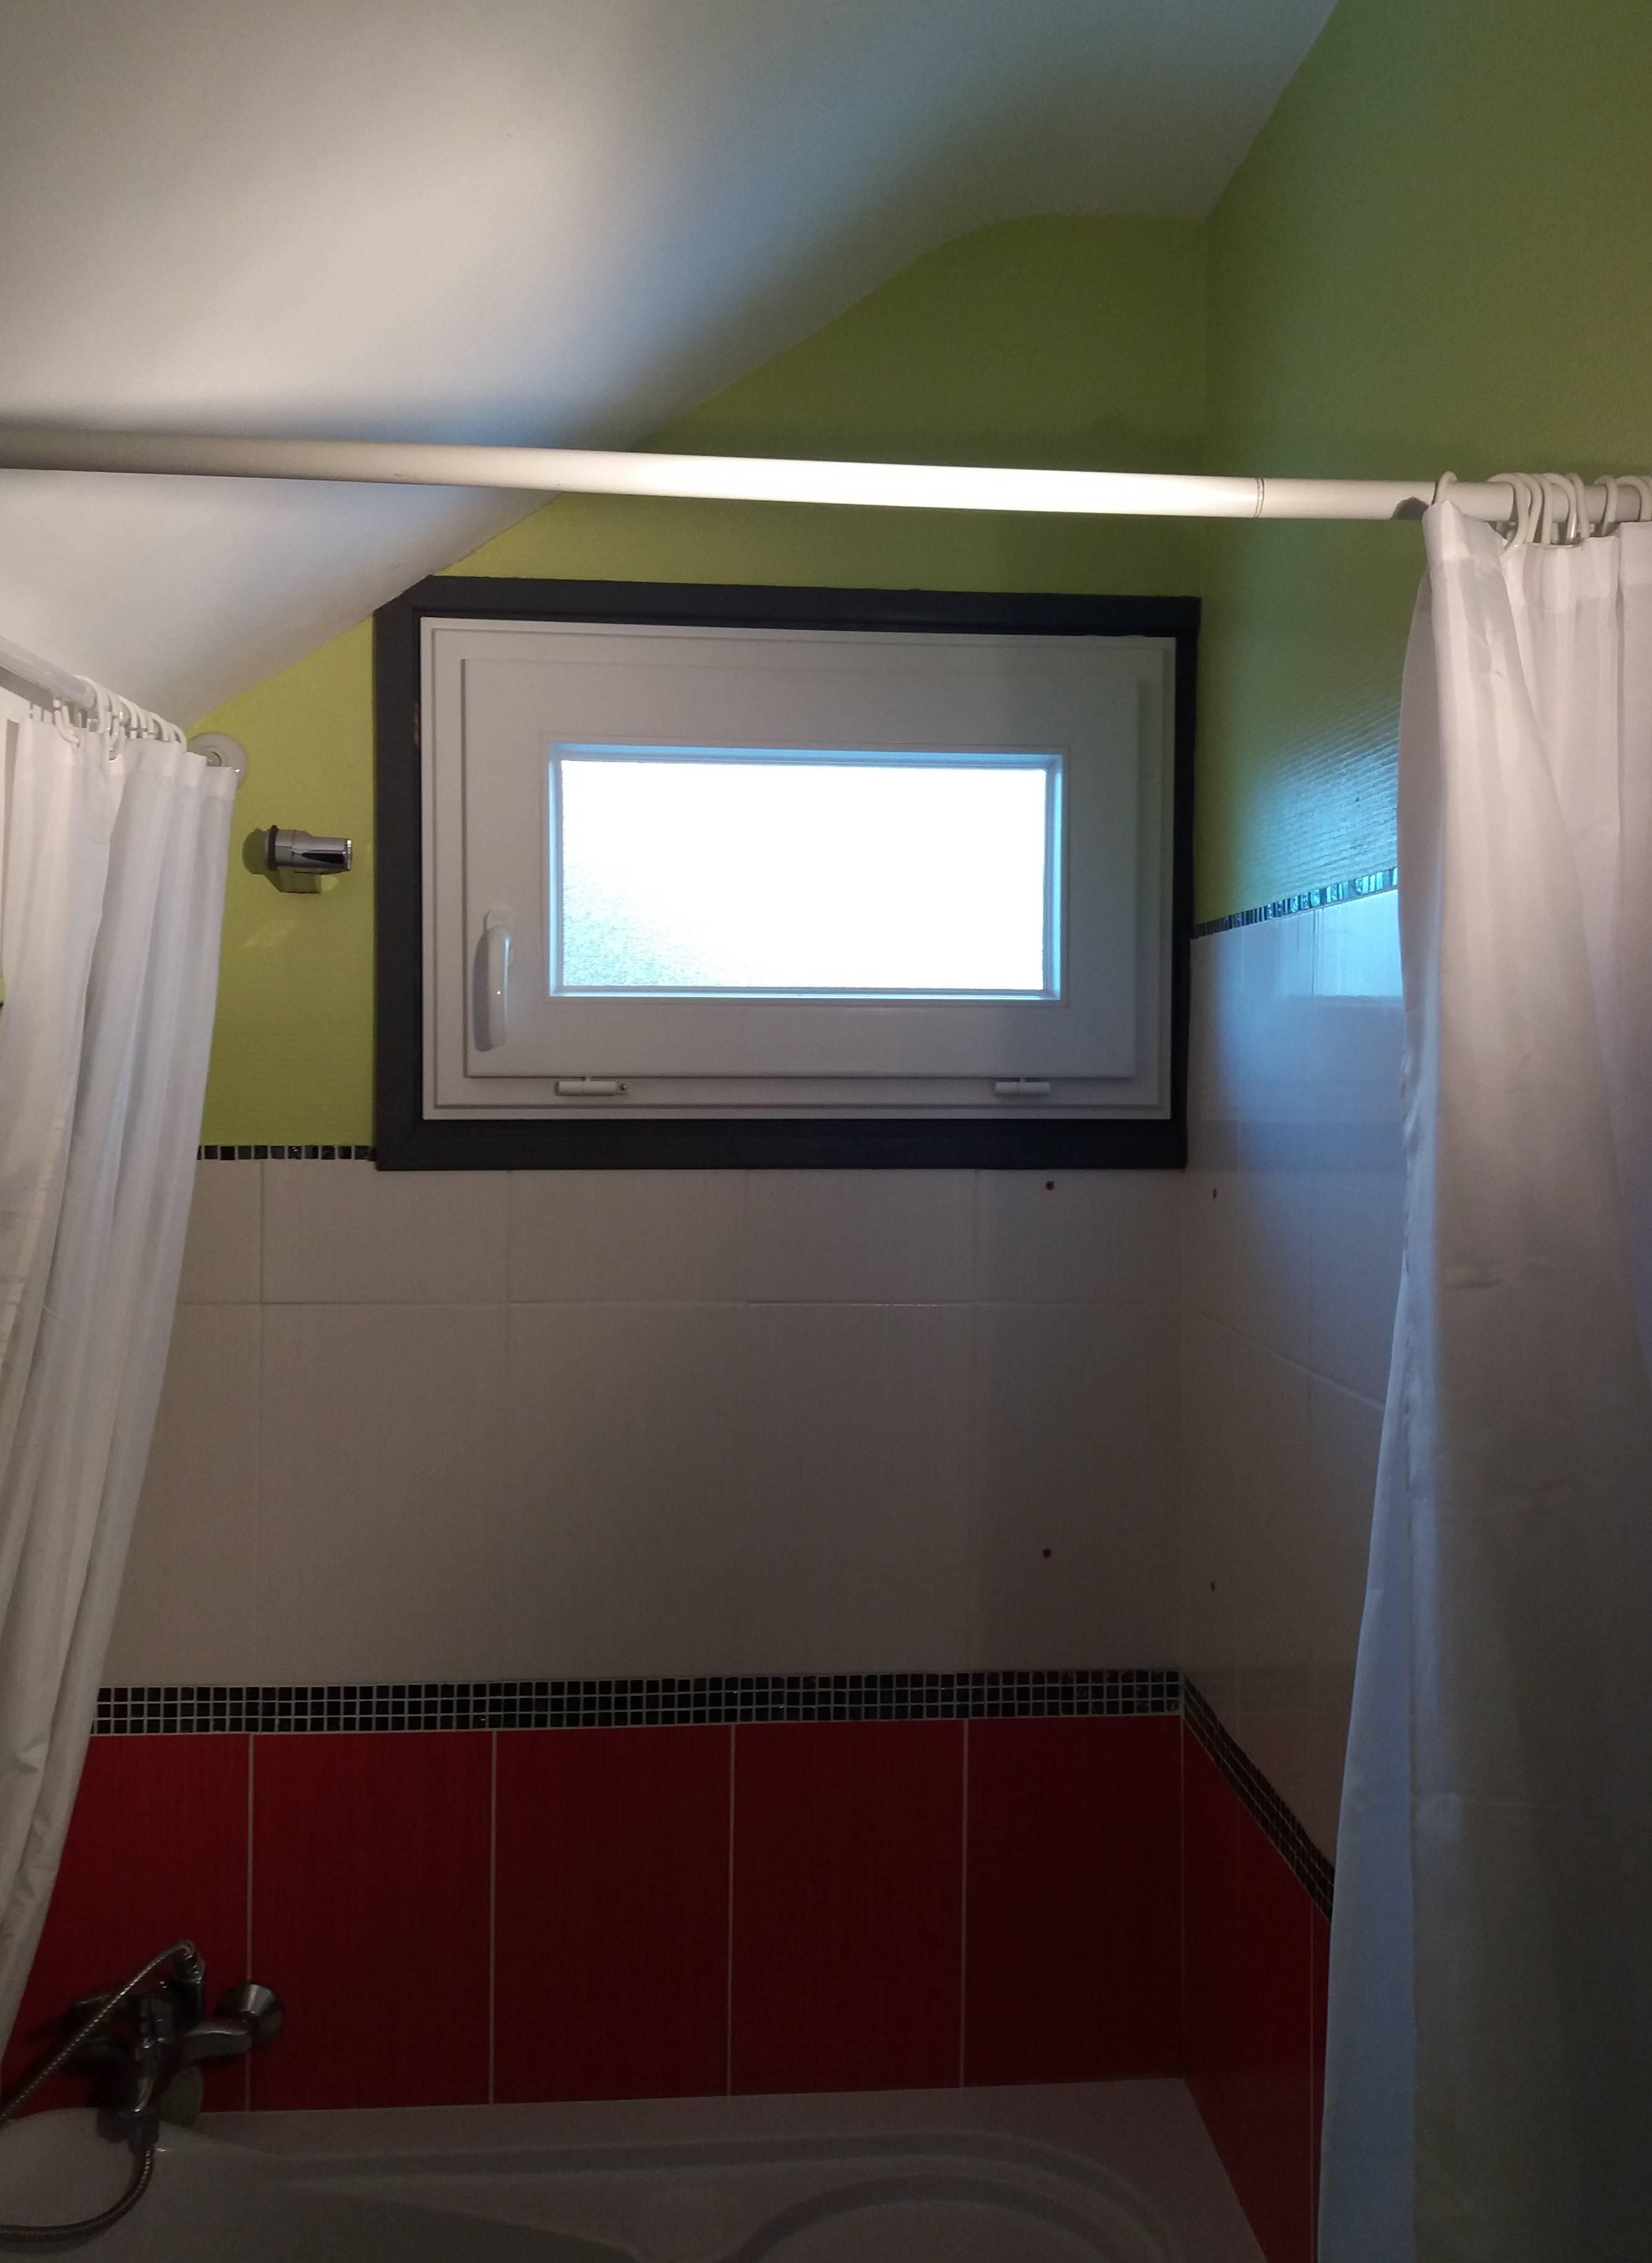 Fenetre Salle De Bain porte d'entrée langeais et fenêtre de salle de bain - tryba